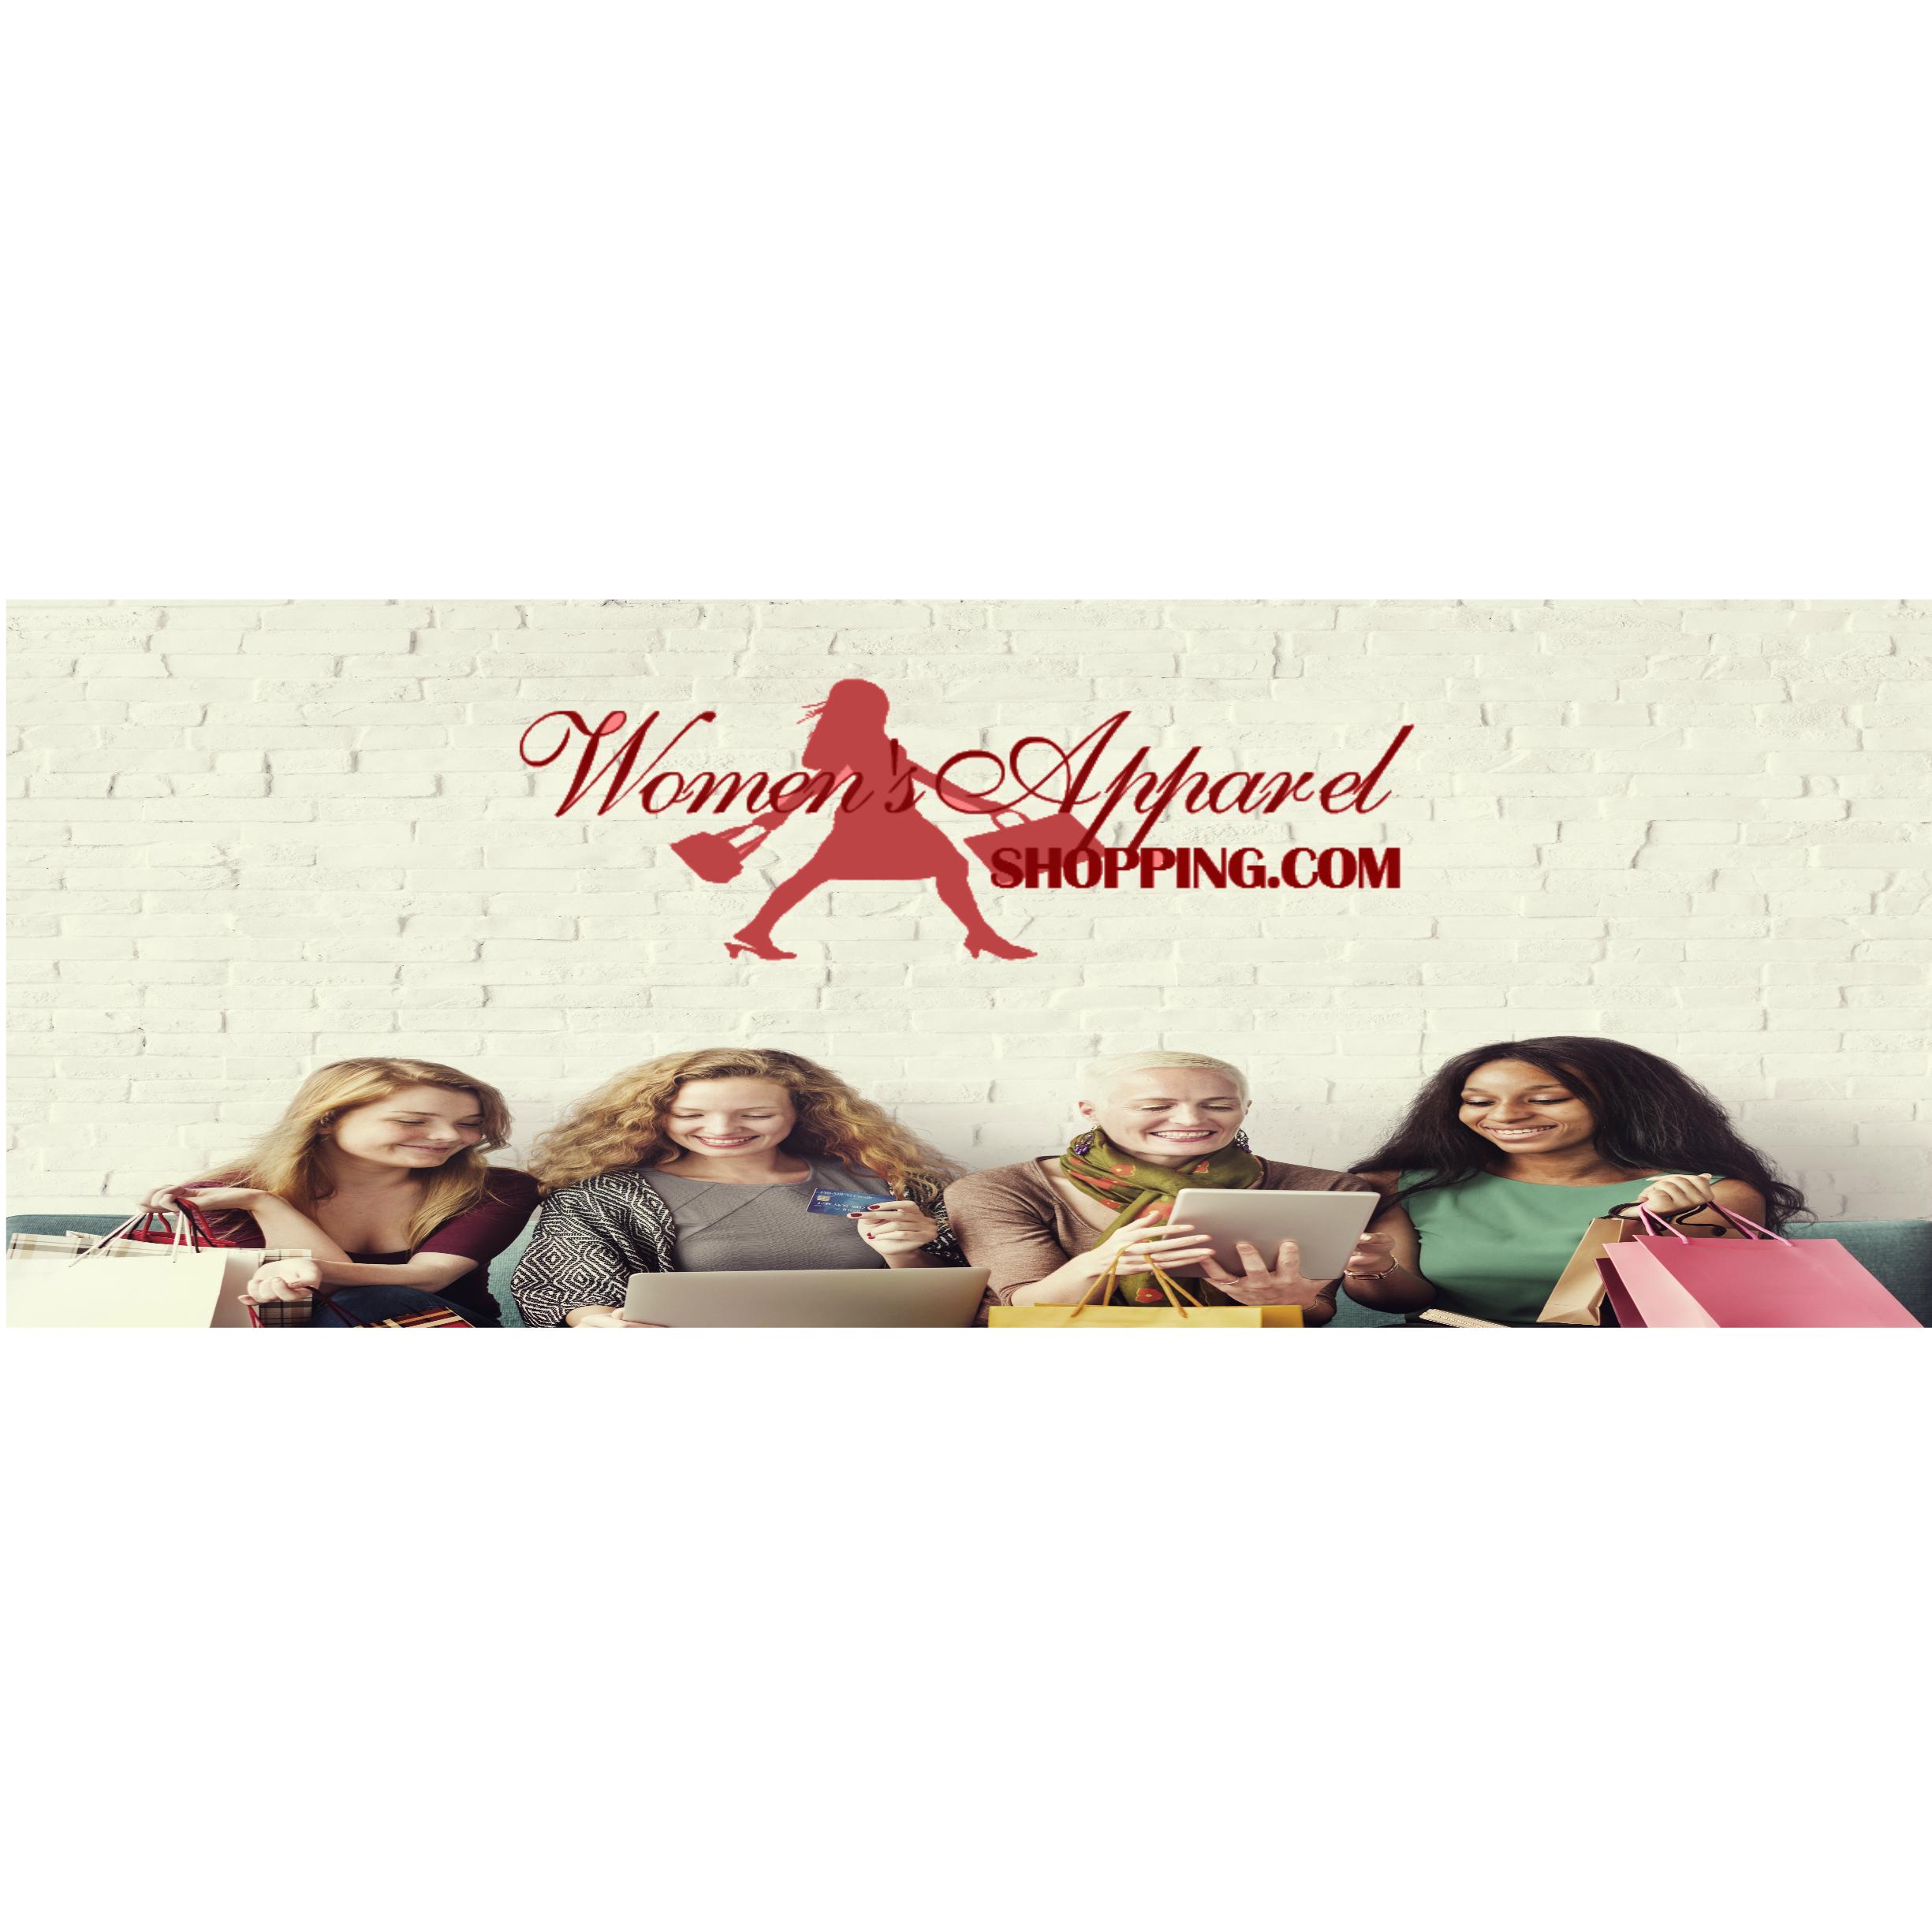 Women's Apparel Shopping.com